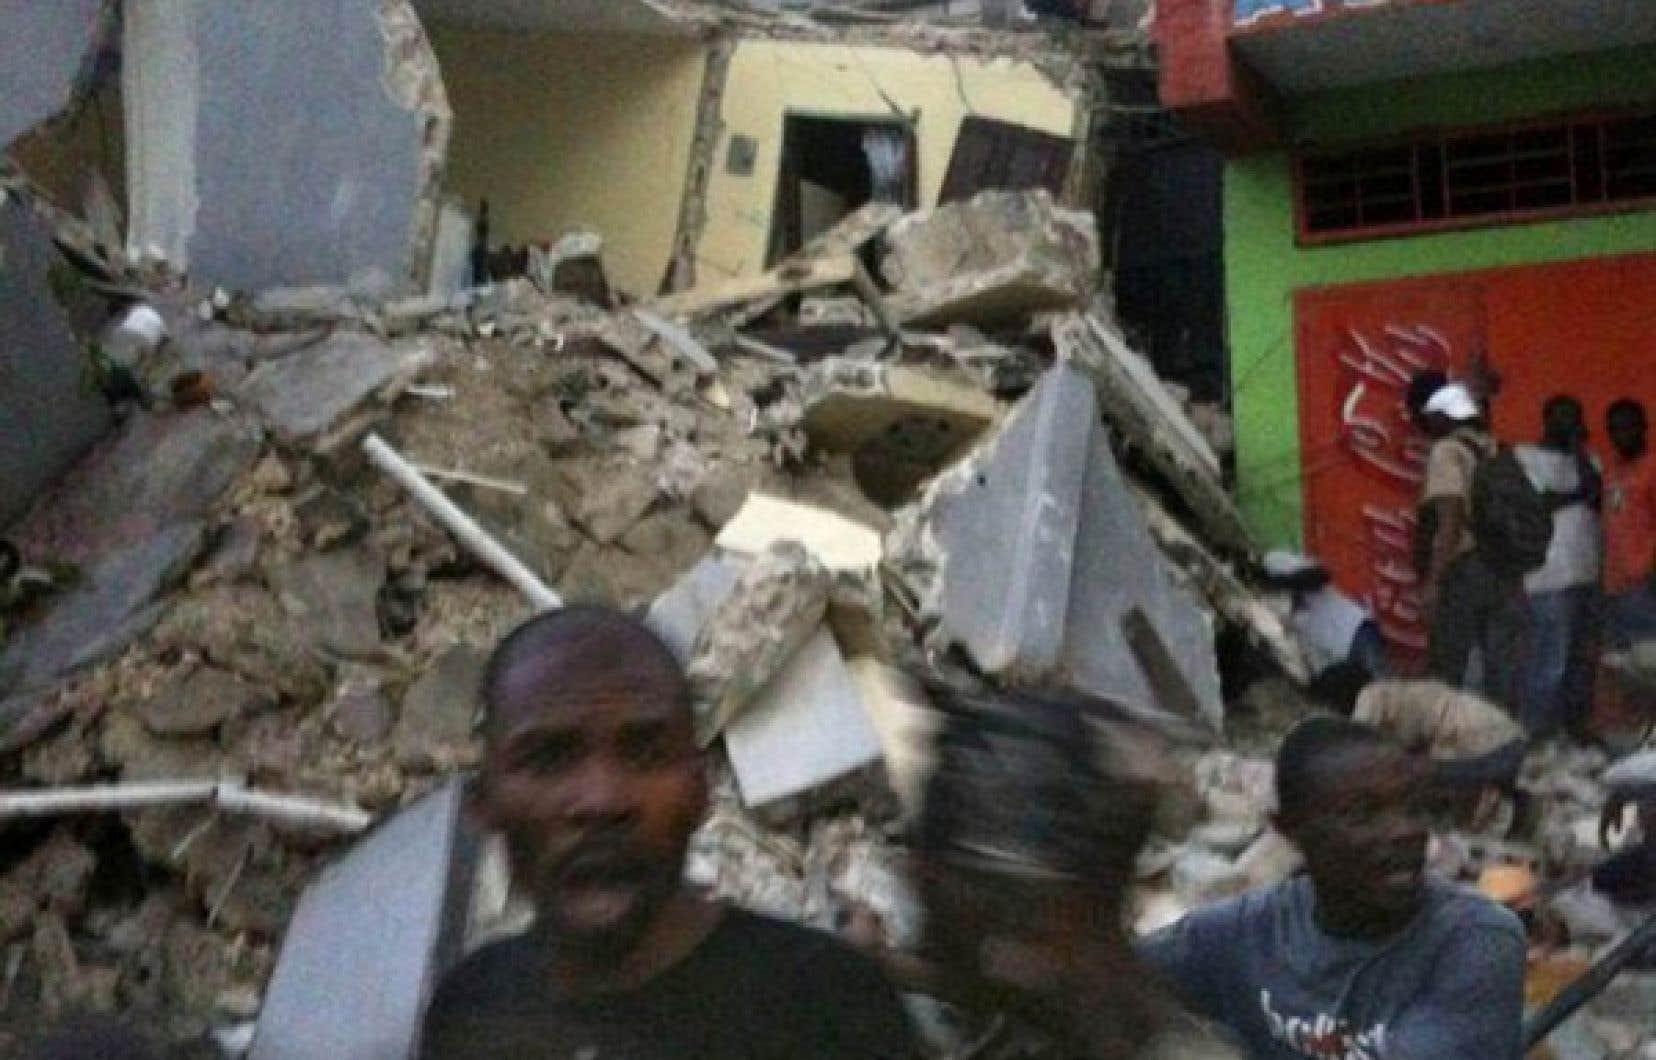 Cette photo transmise sur Twitter montre des habitants de Port-au-Prince affolés après le puissant tremblement de terre qui a frappé Haïti hier.